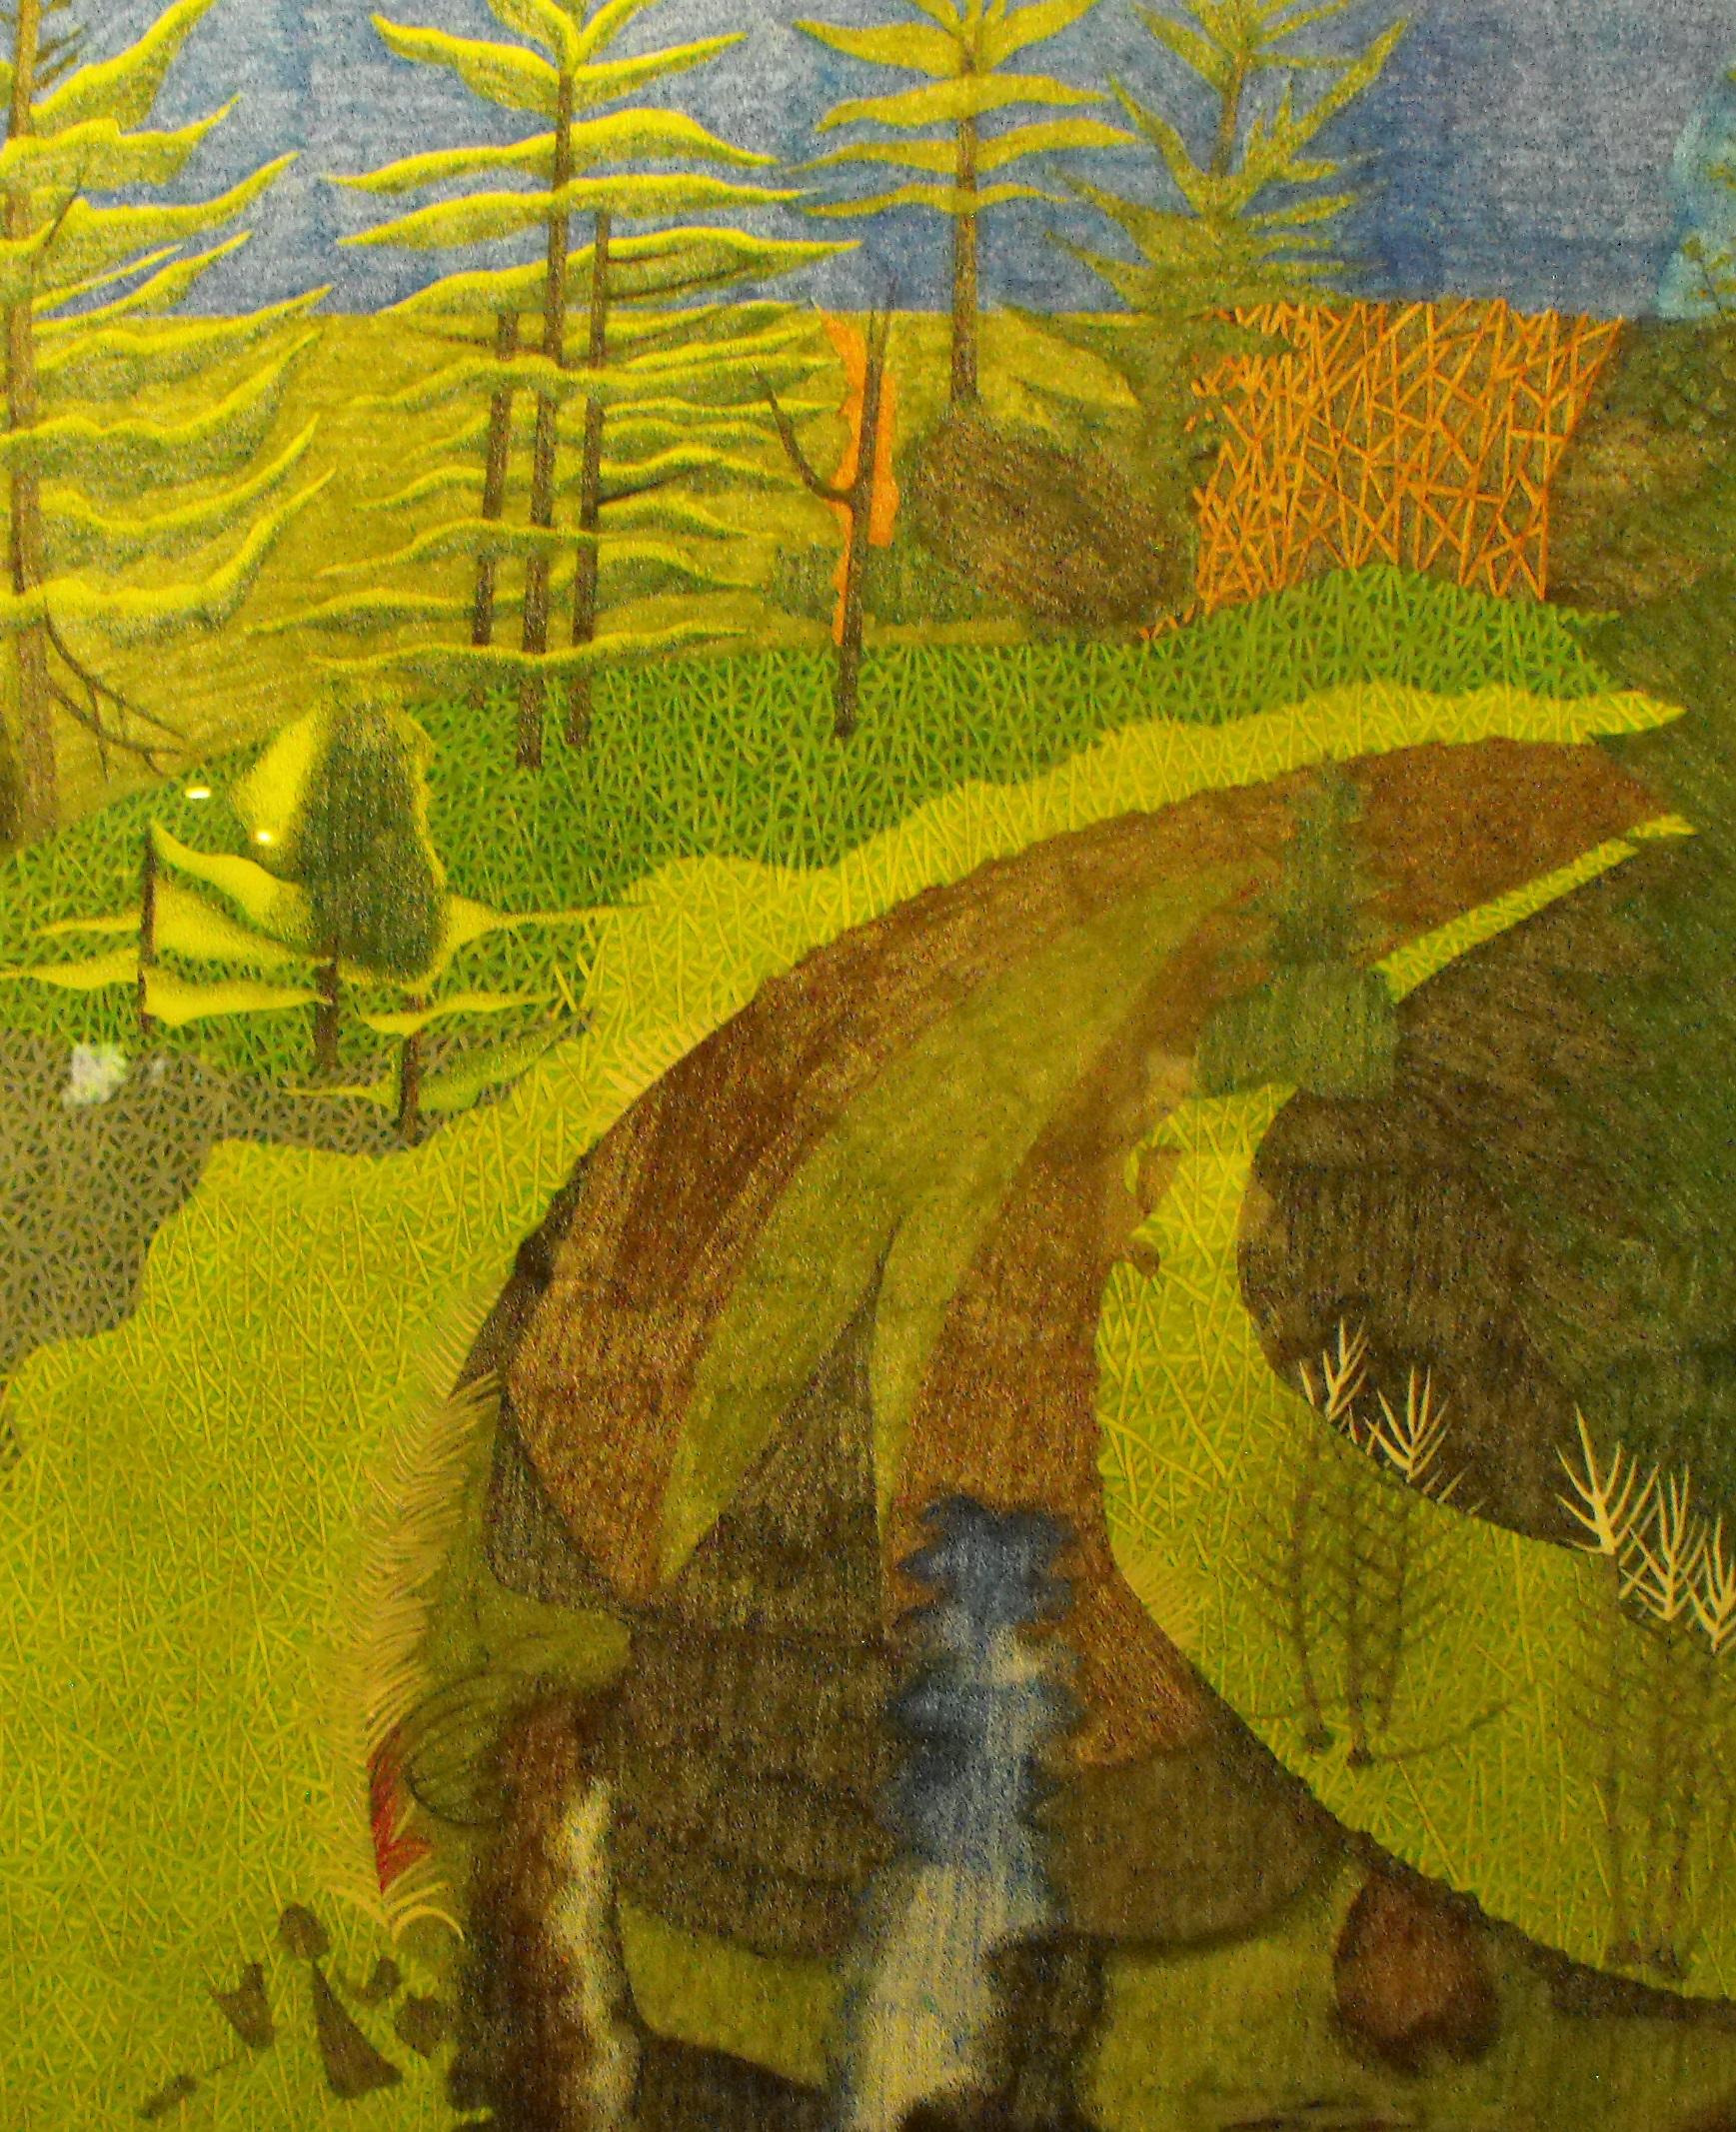 Artfest 55 Best in Show Boardman River by Jean Mathieu